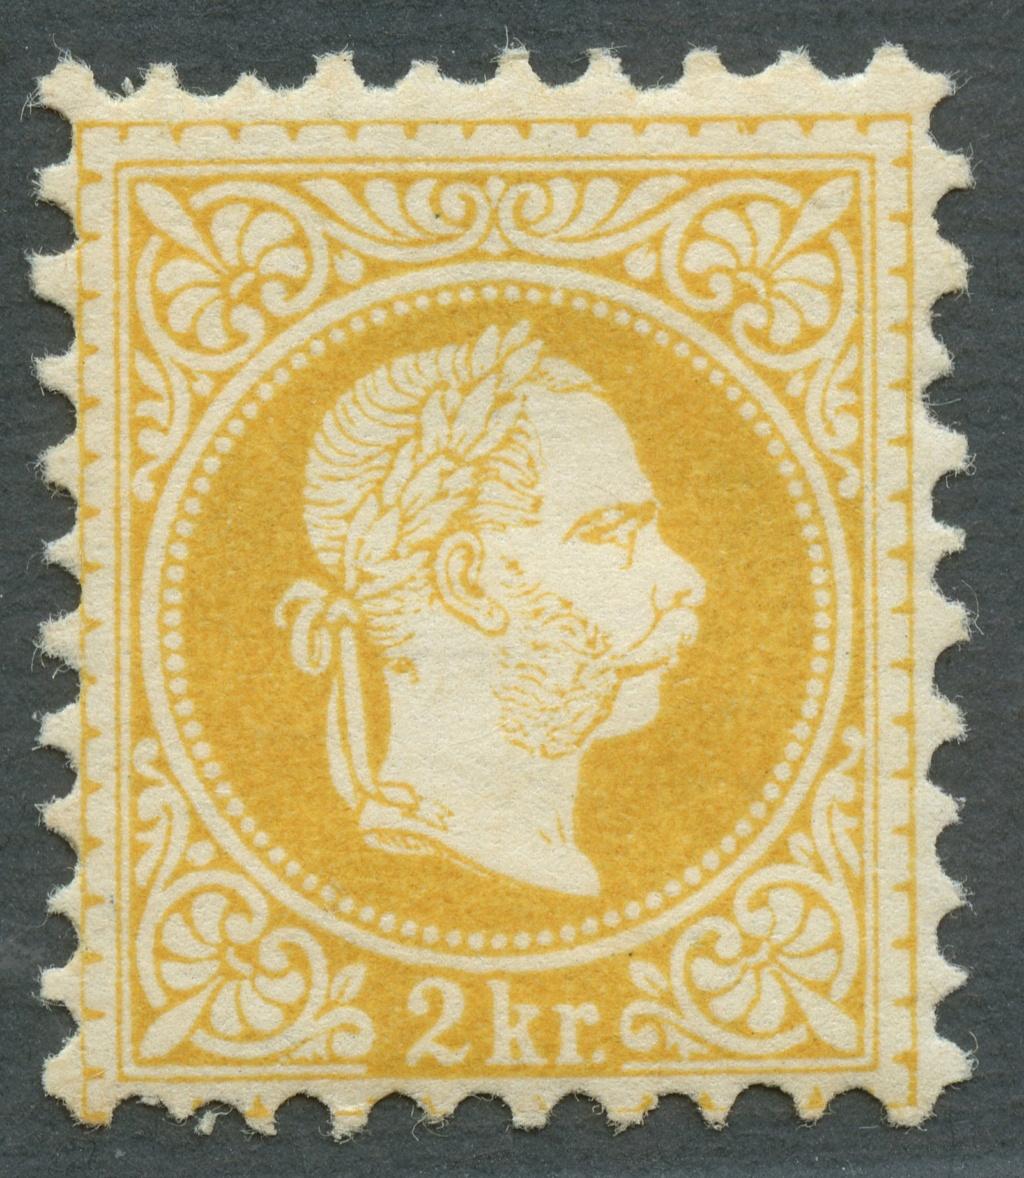 Nachtrag - Freimarken-Ausgabe 1867 : Kopfbildnis Kaiser Franz Joseph I - Seite 22 Ank_3511